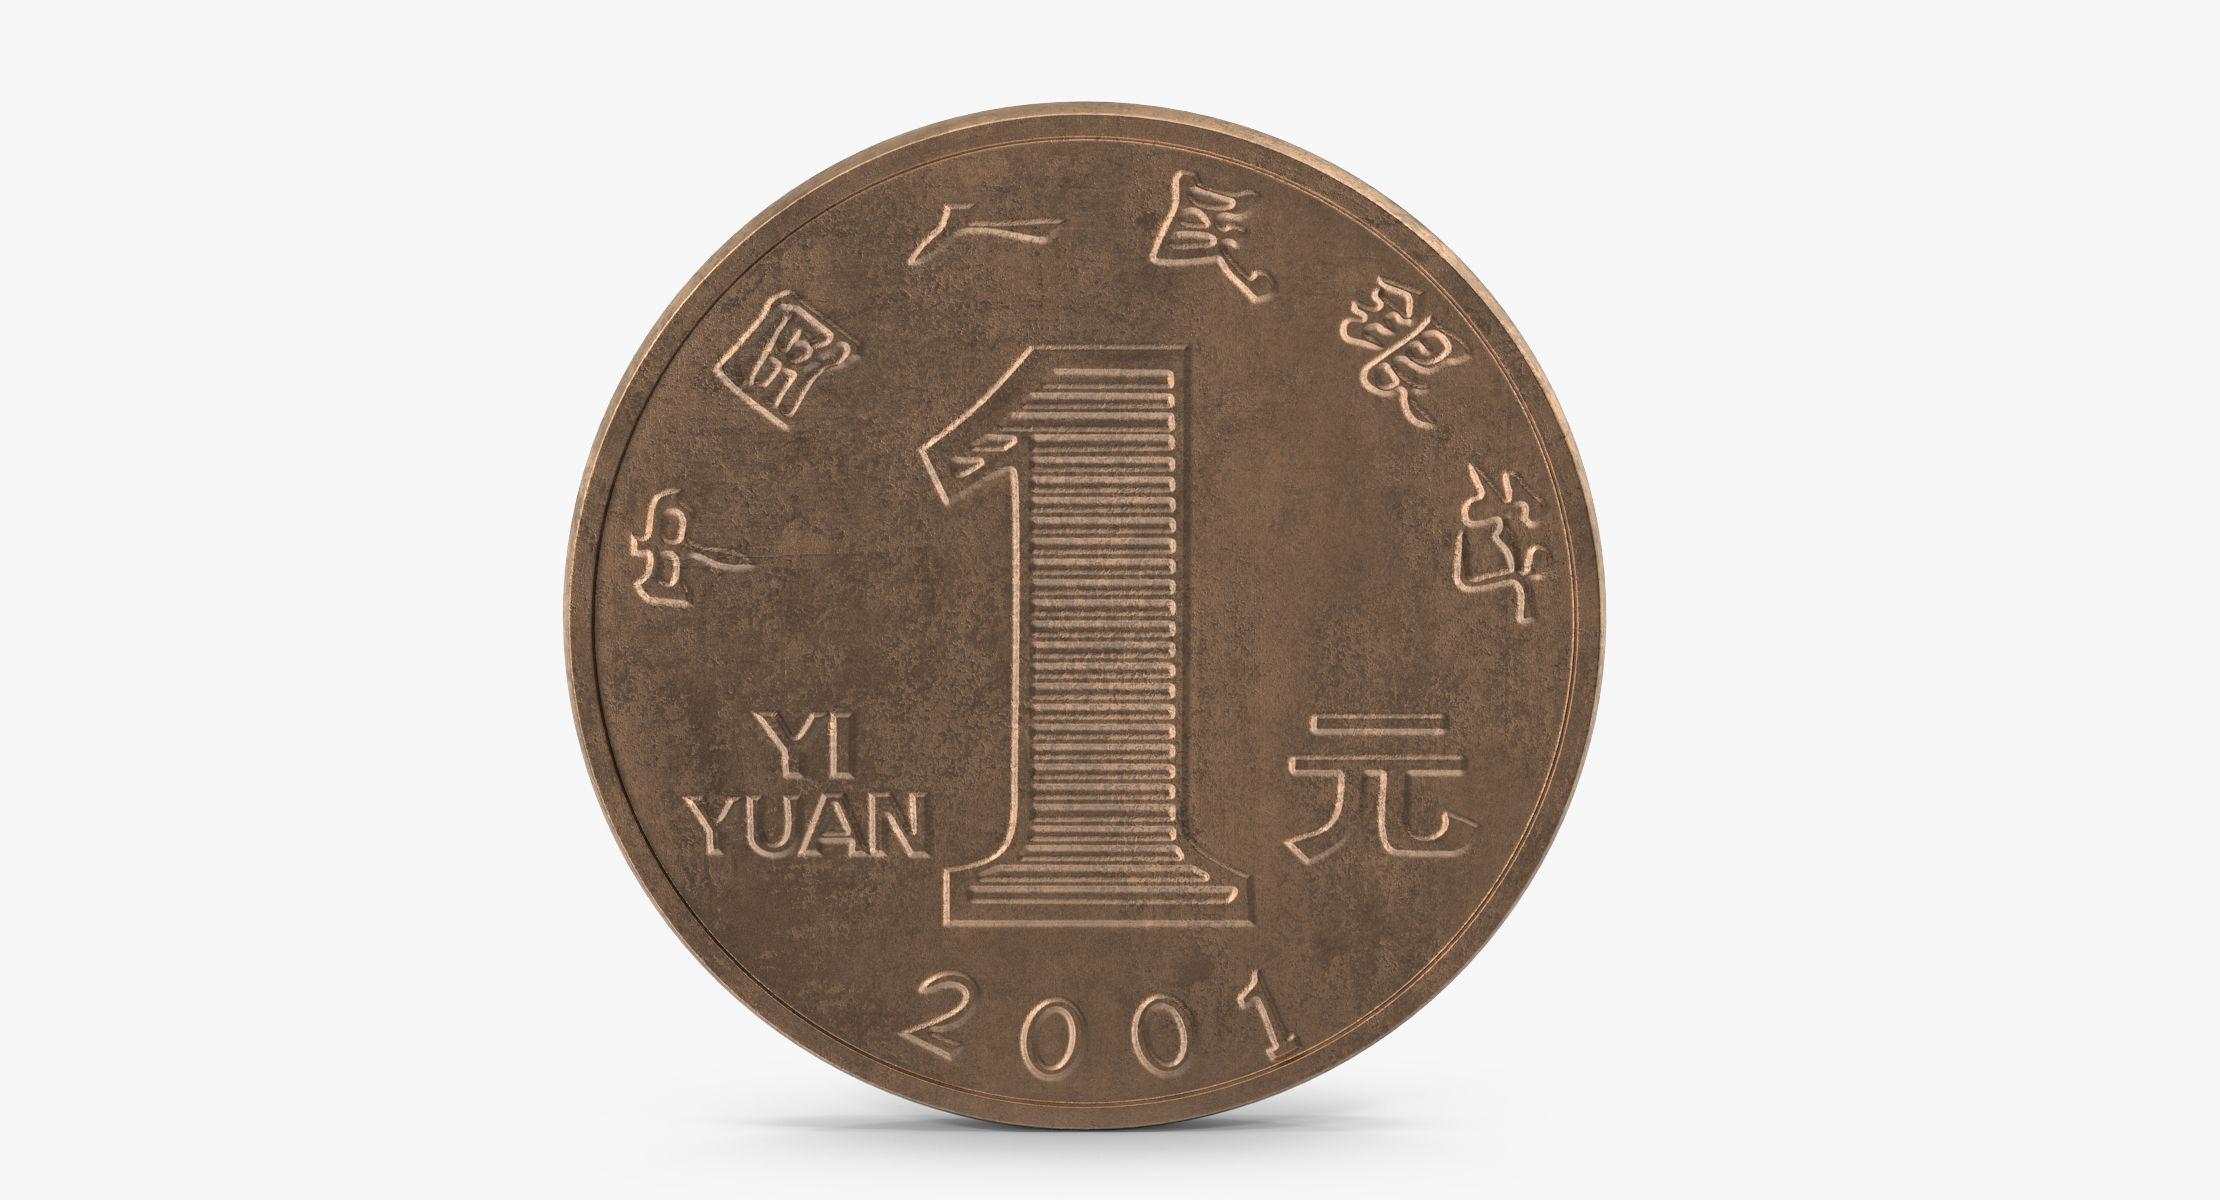 1 Yuan Coin China - reel 1